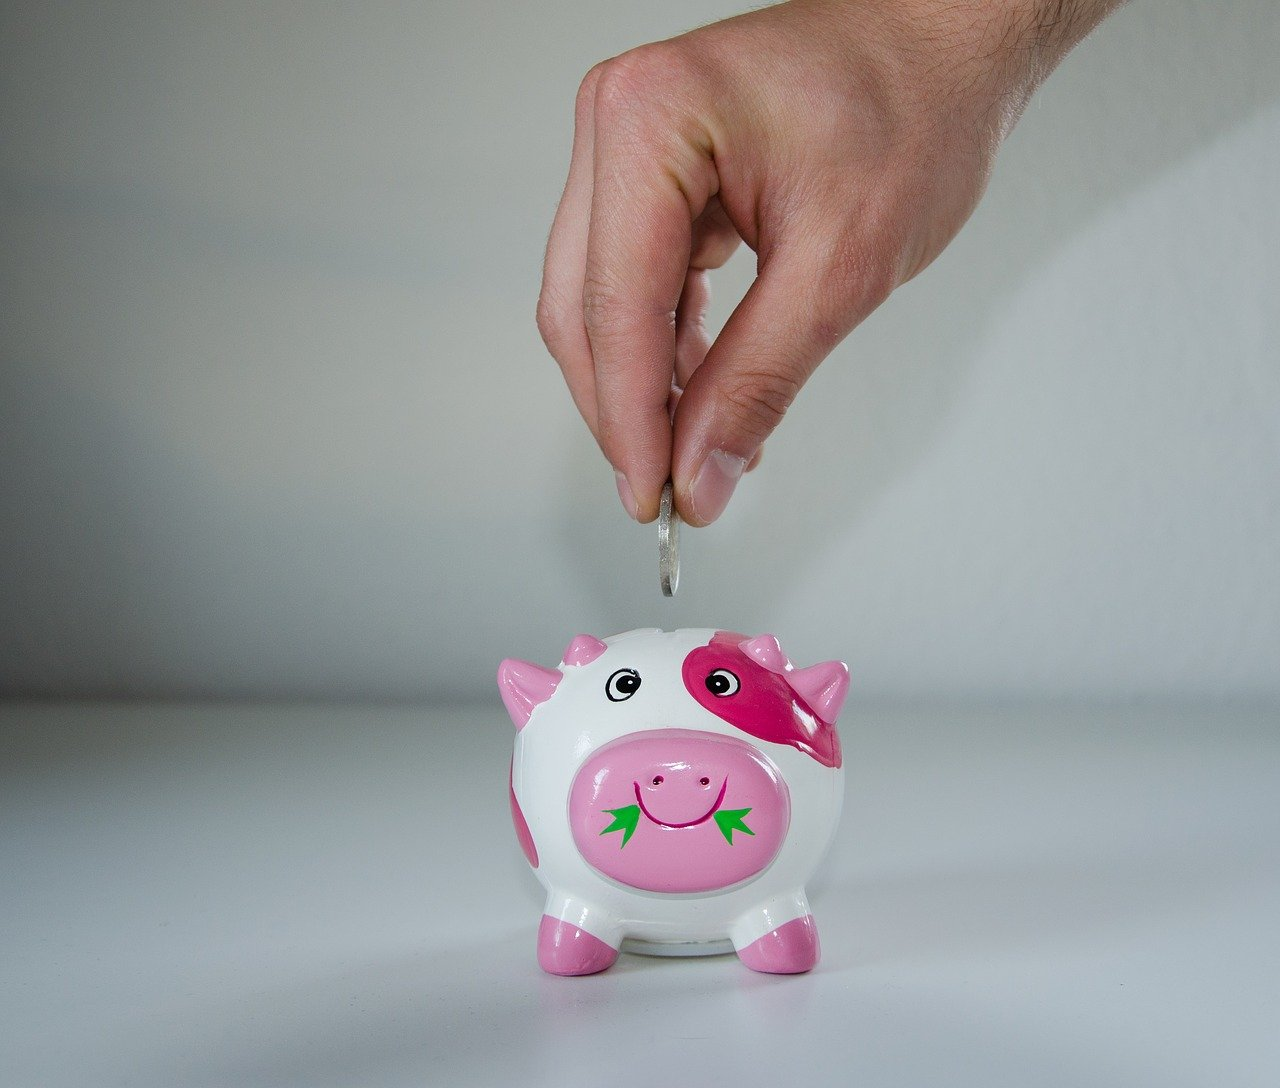 Копим деньги без стресса. Несколько простых способов